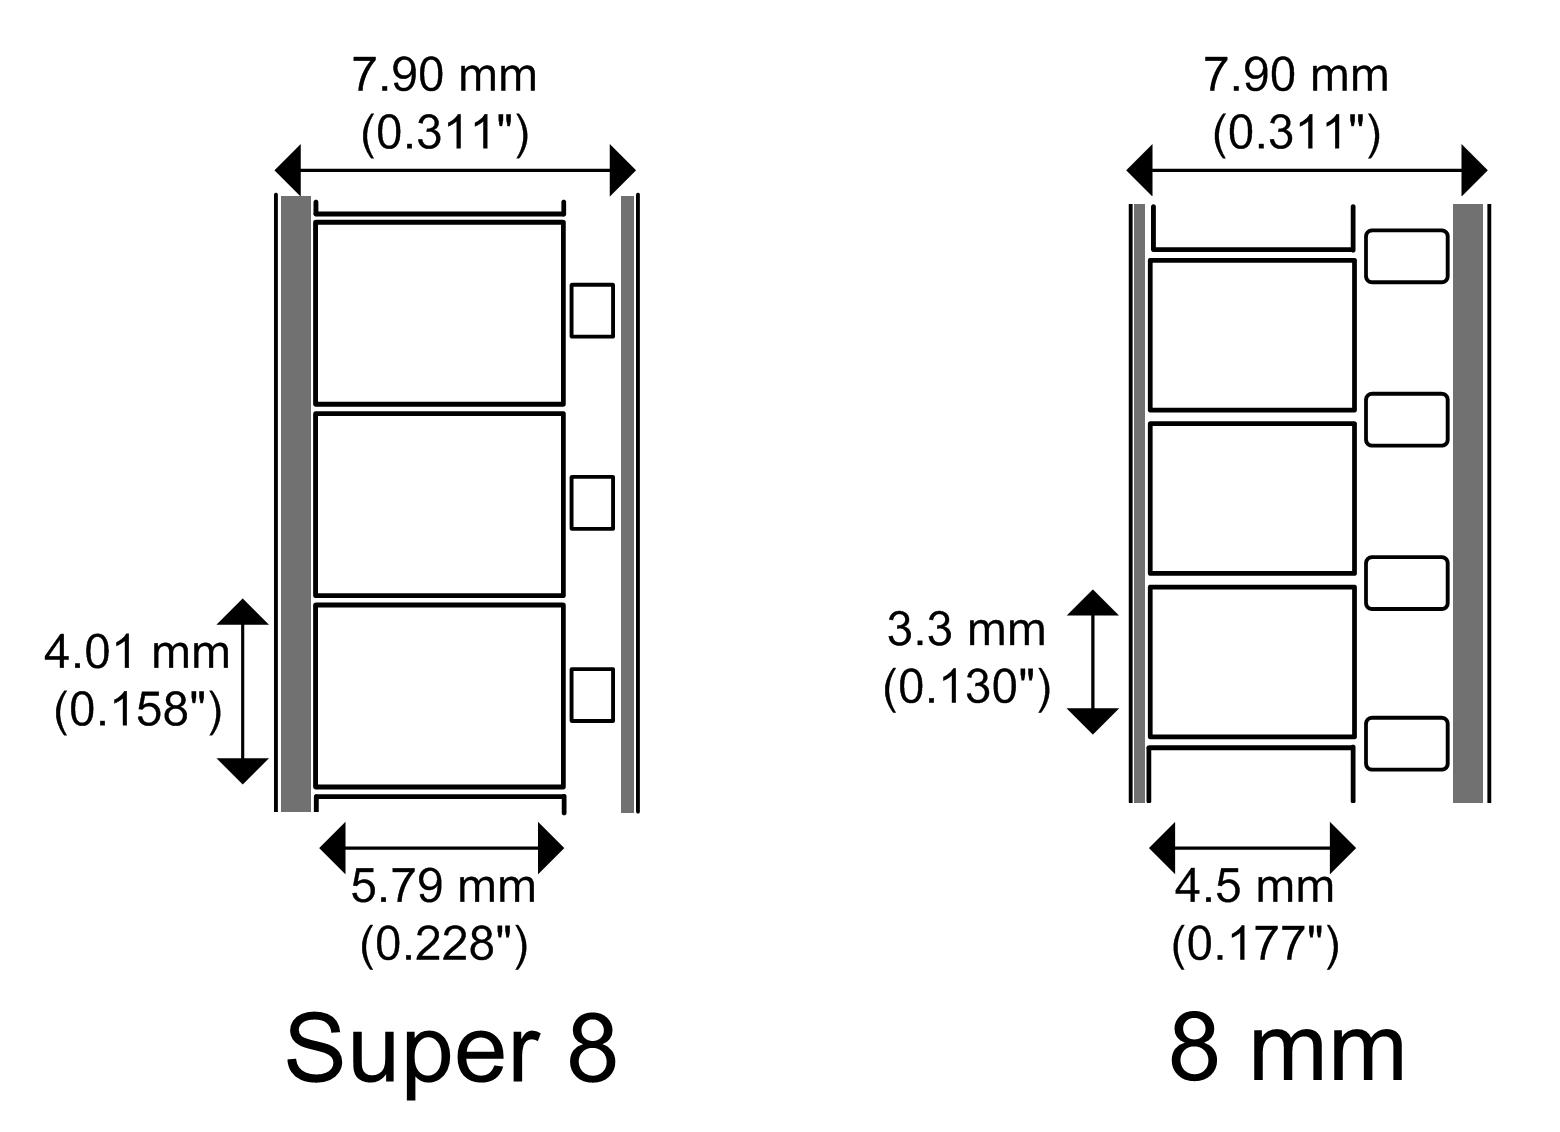 Standard 8 Mm Film